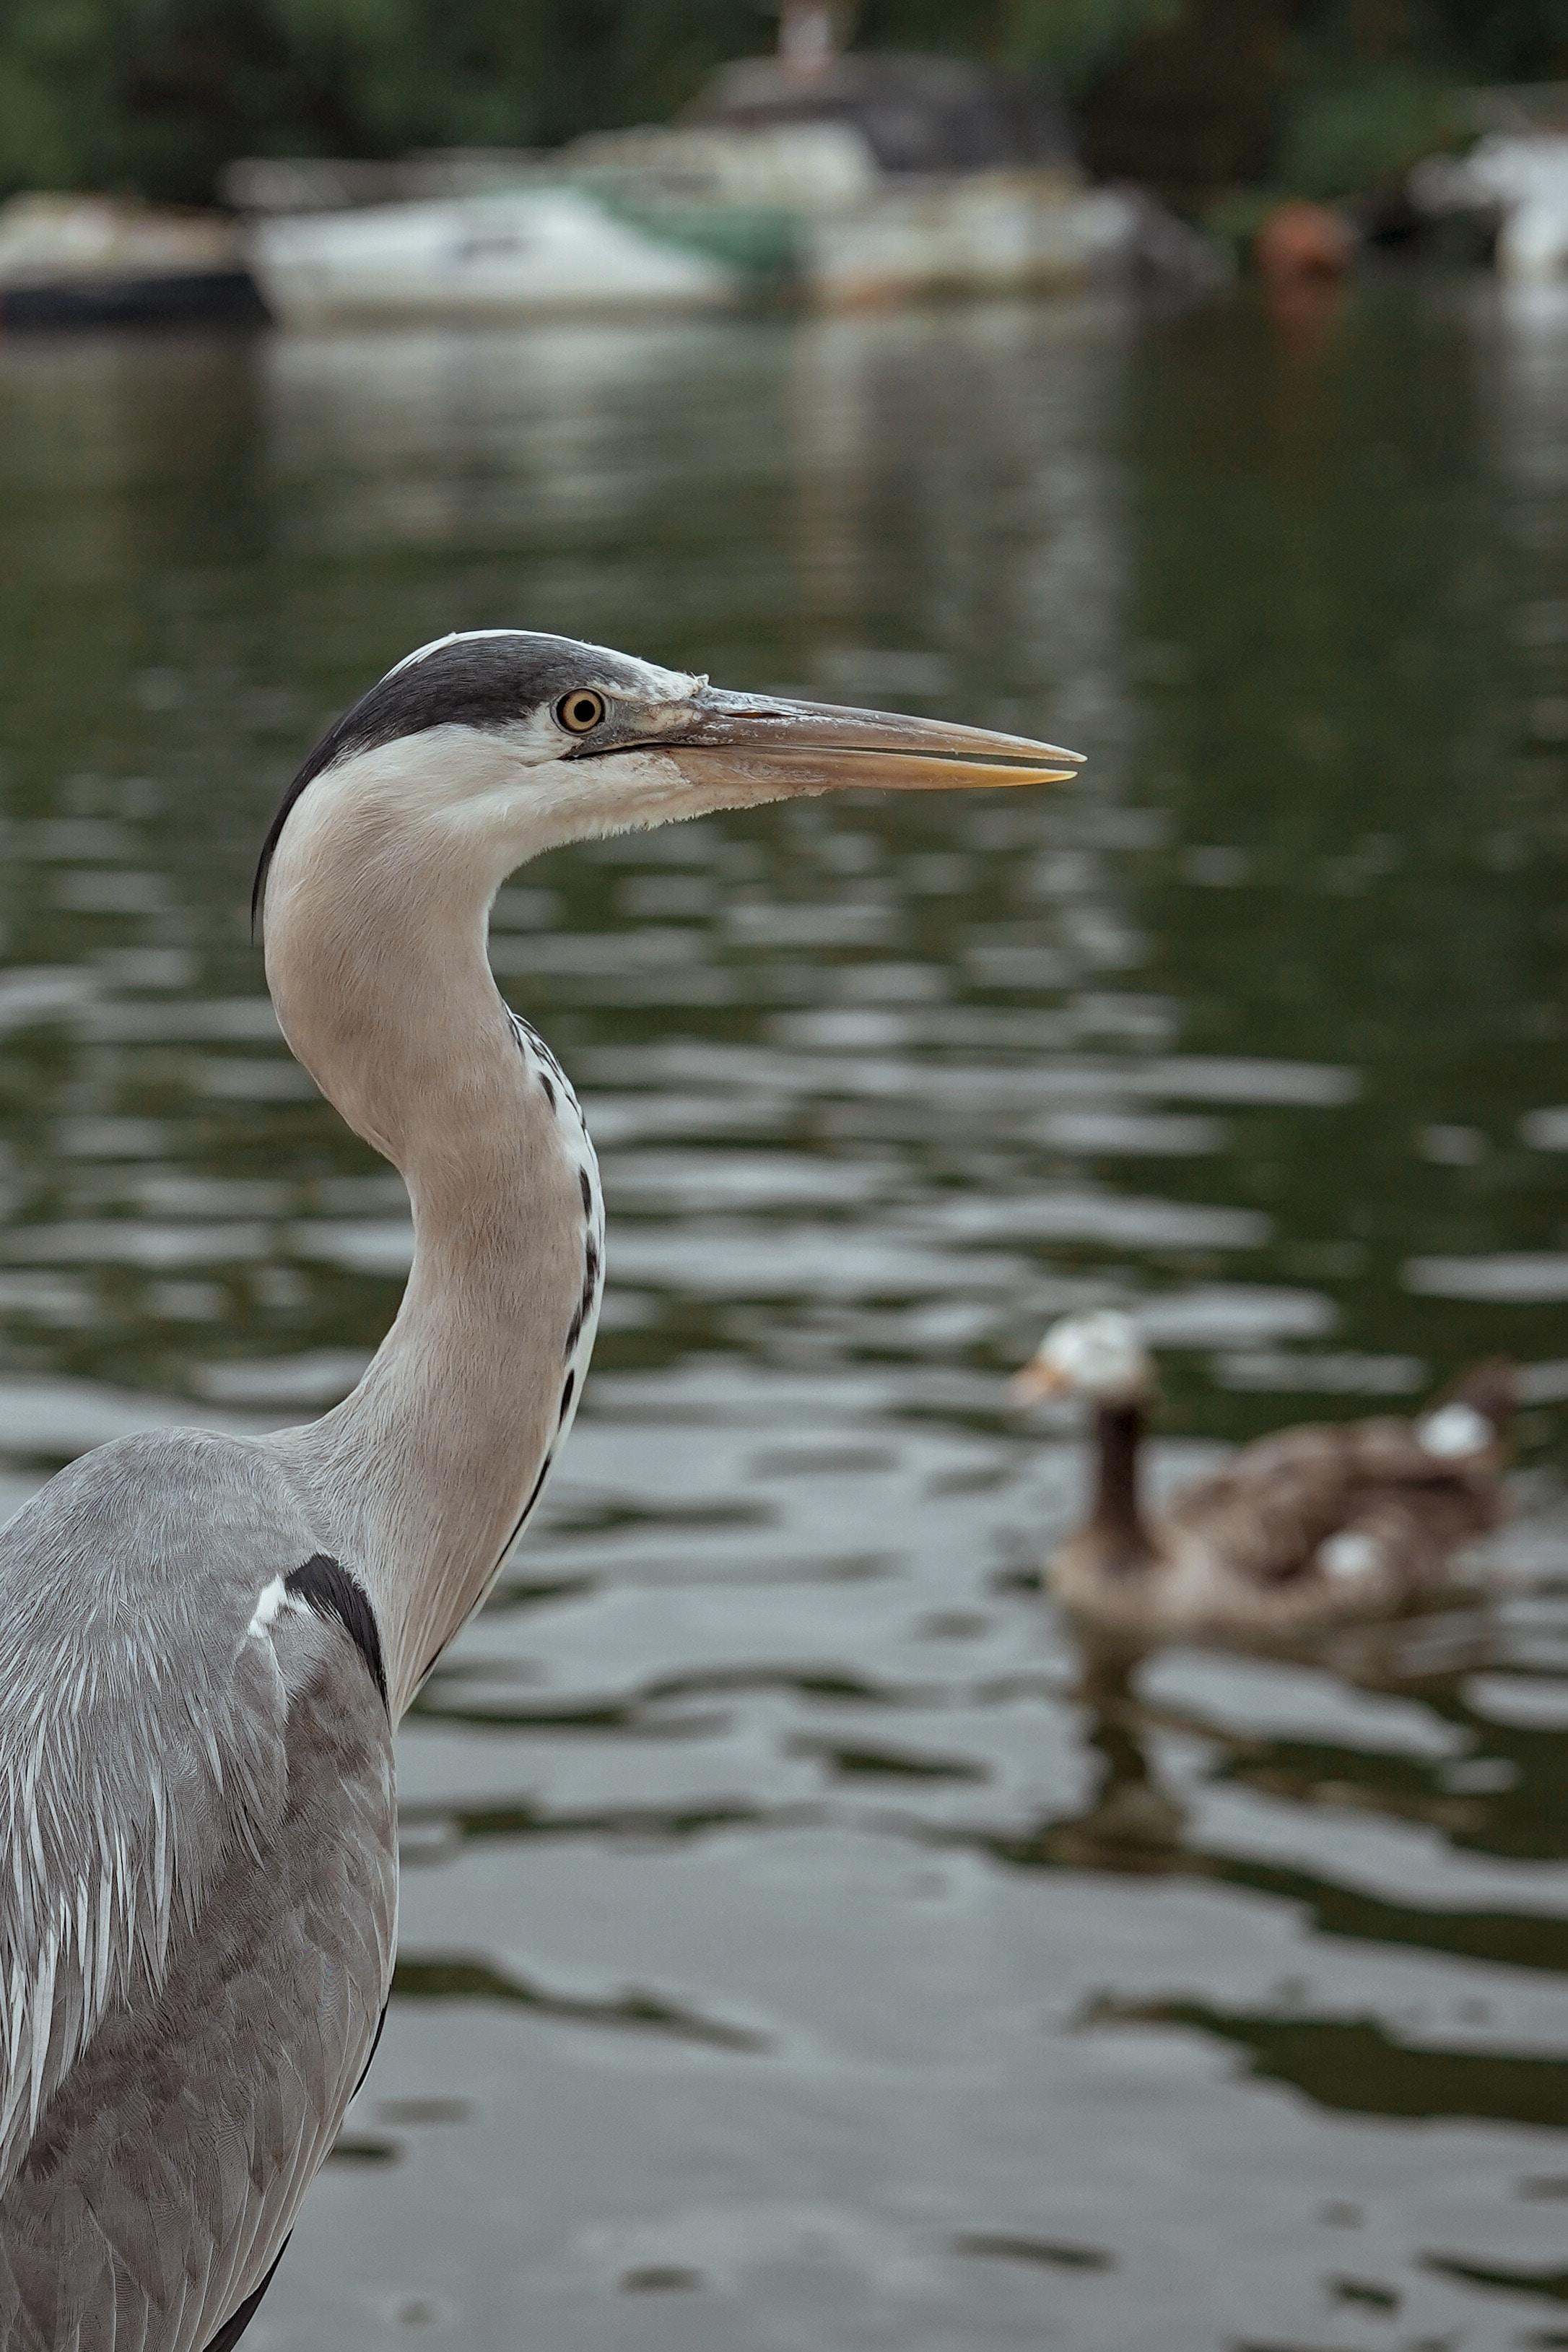 long-beaked white and gray bird near body of water